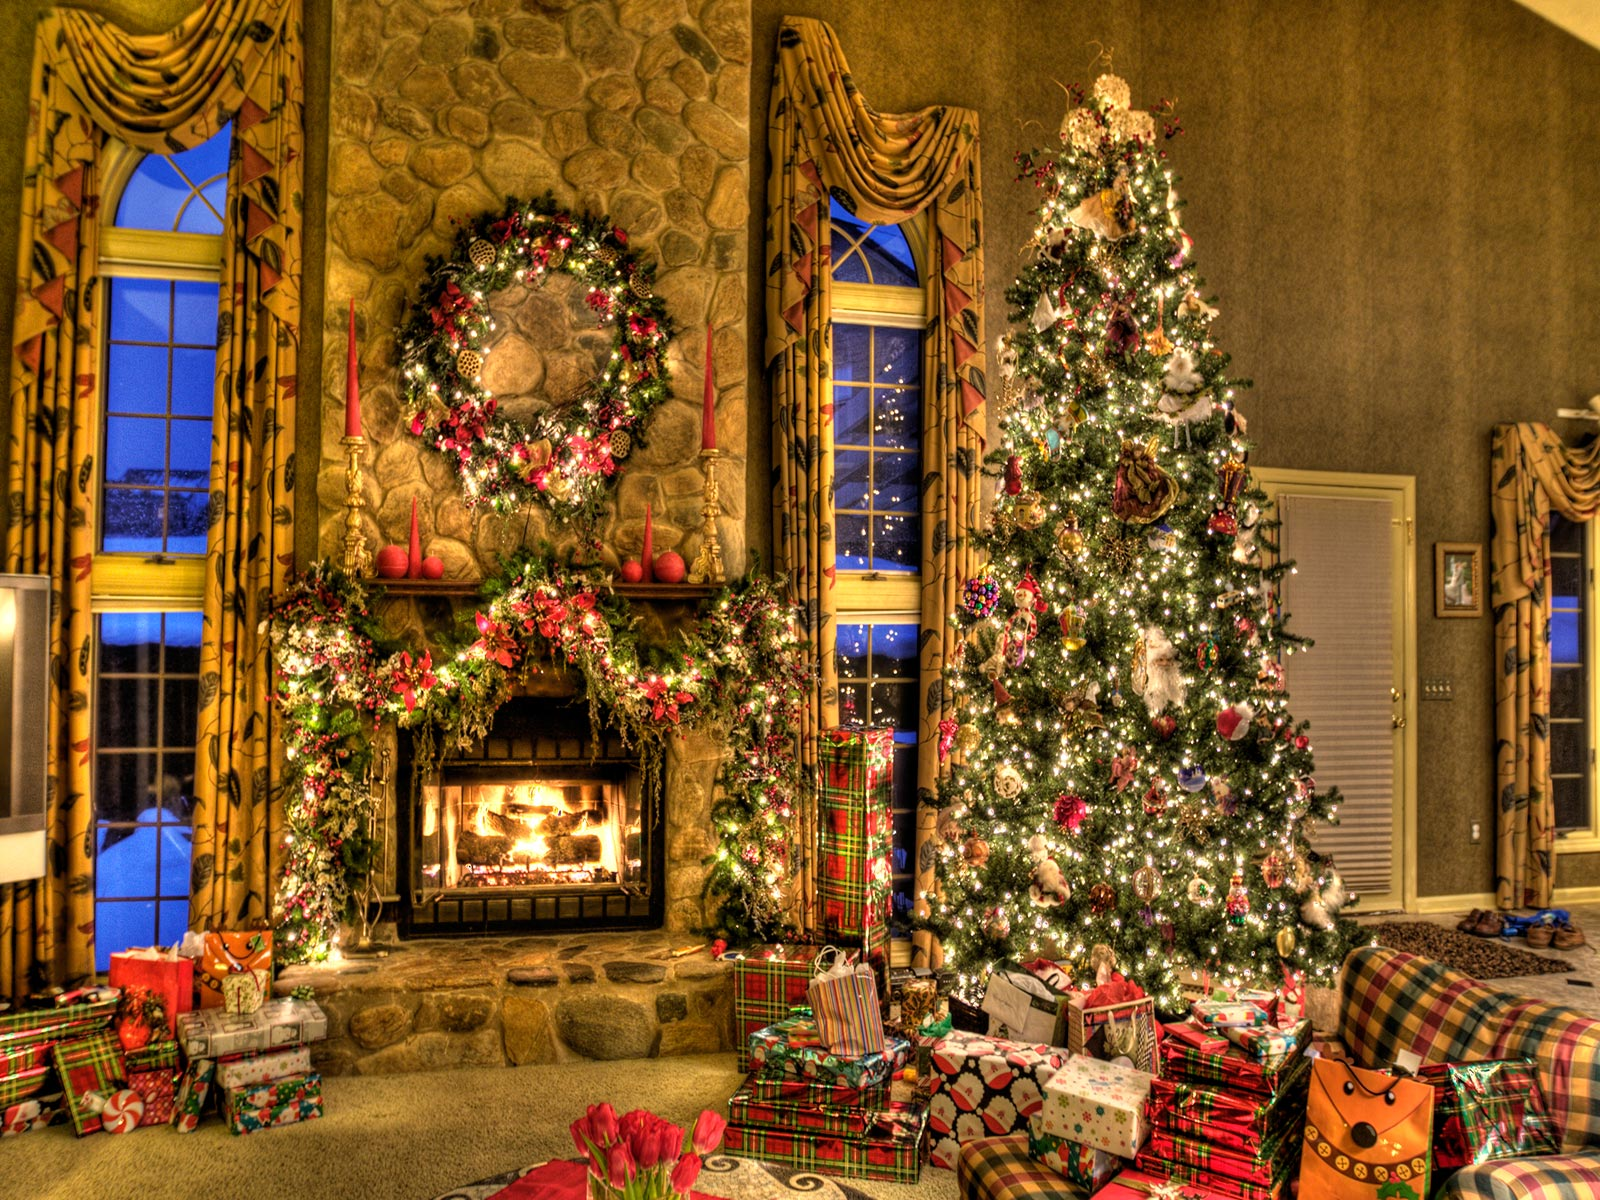 http://3.bp.blogspot.com/--x6Mvw47XmM/Ts-EPSo0YrI/AAAAAAAASZE/pnqRxY74YrA/s1600/Christmas-Room-Wallpaper.jpg